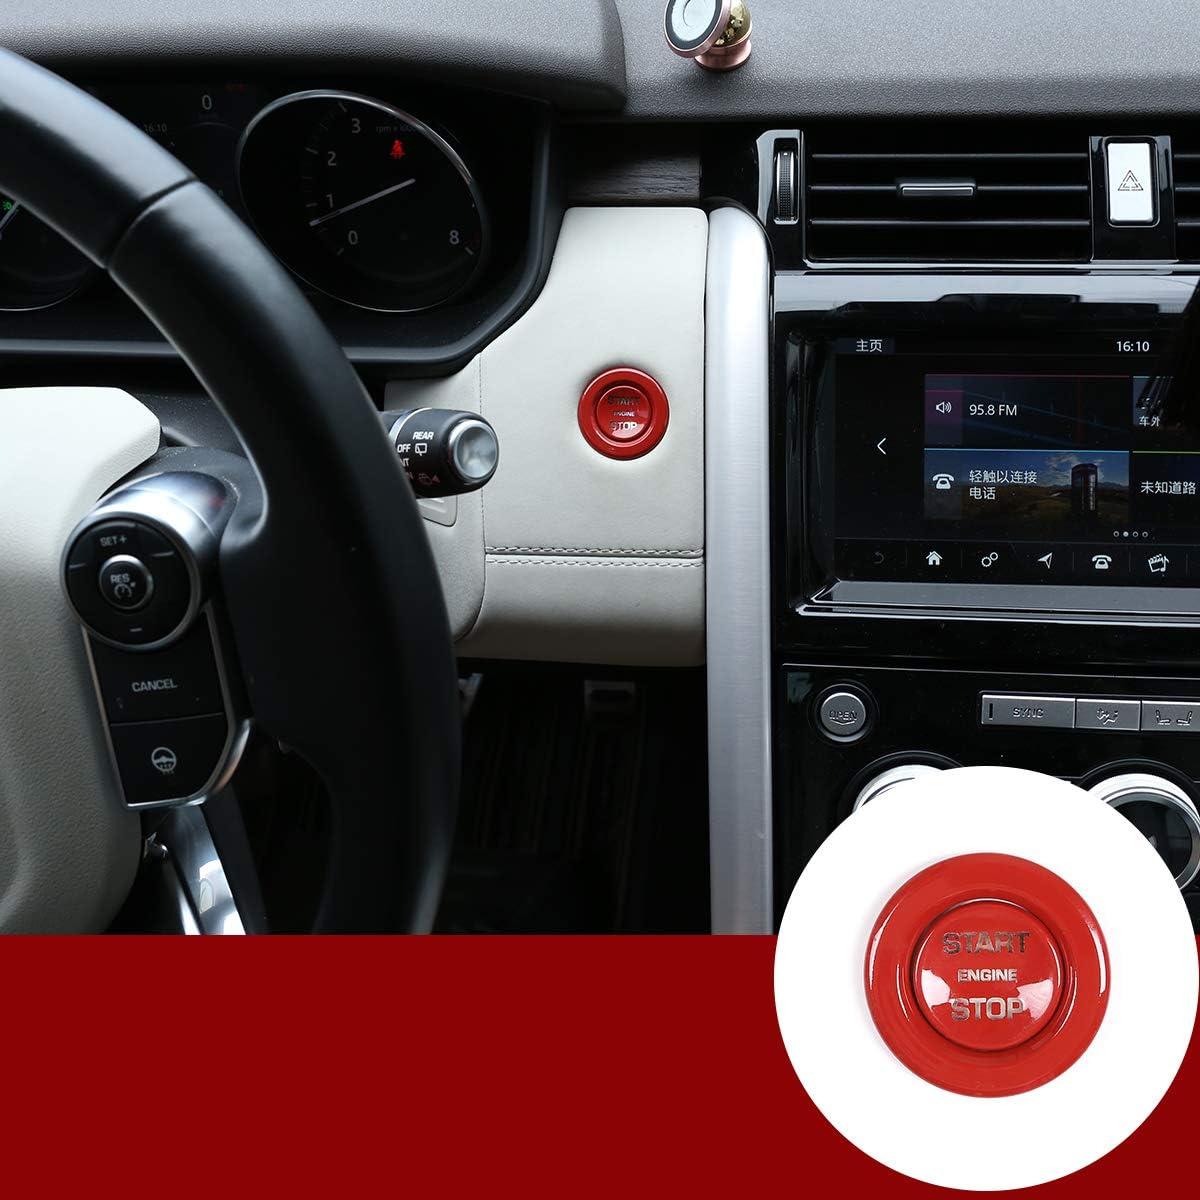 RangeRover Vogue Car Accessories RangeRover Sport YIWANG ABS cubierta de bot/ón de arranque de motor cromado para Discovery Sport,Discovery 5,RangeRover Evoque